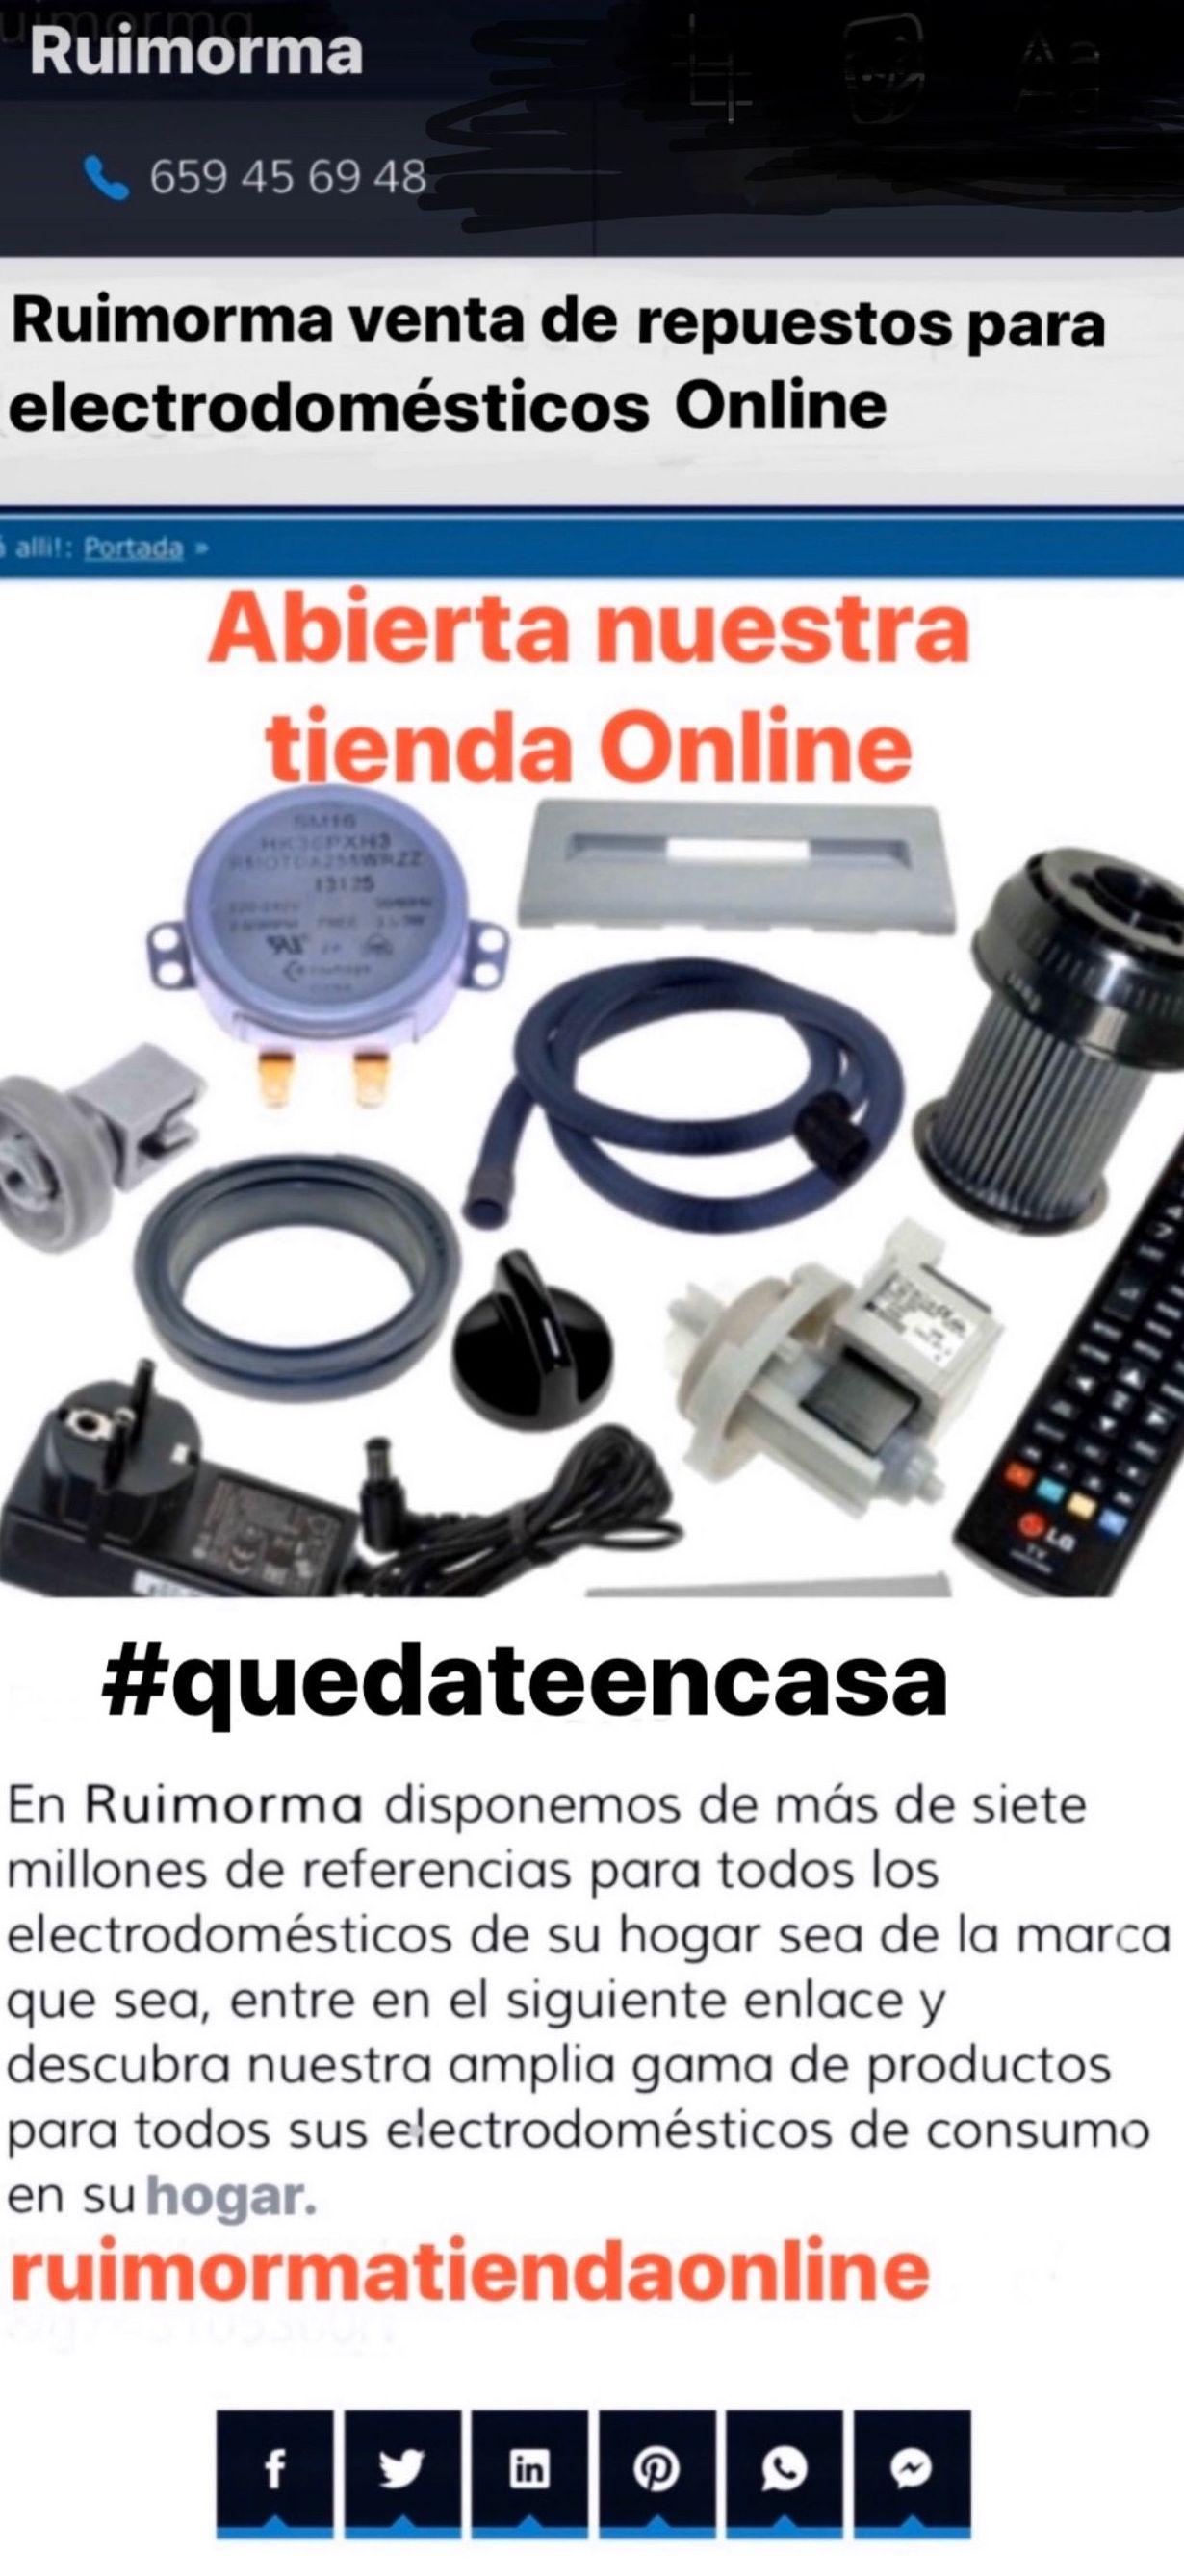 Ruimorma tienda Online repuestos y accesorios para electrodomésticos